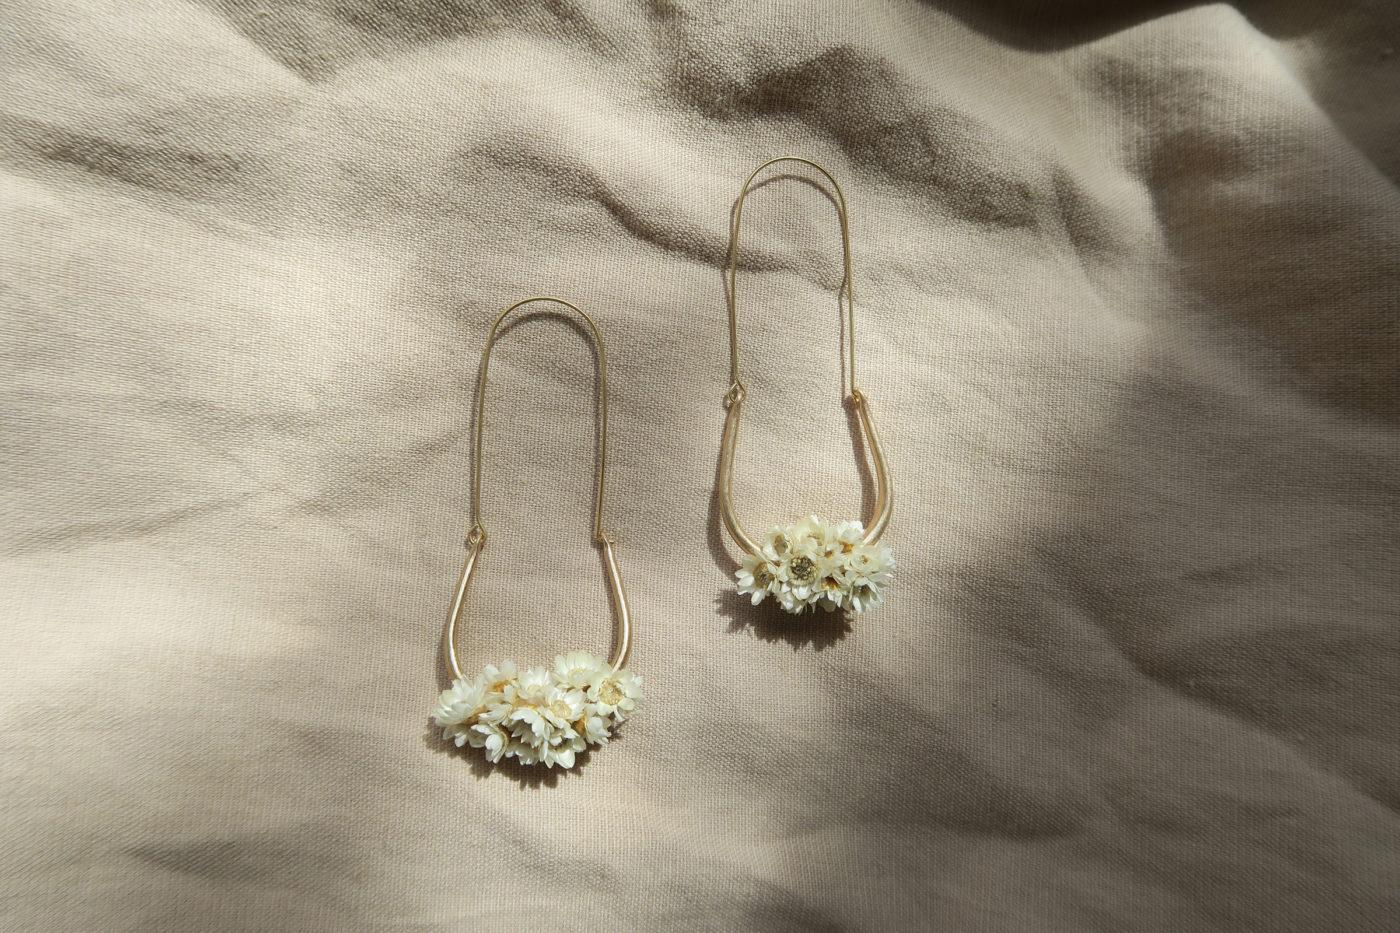 boucle d'oreilles fleurs séchées mariage bohème